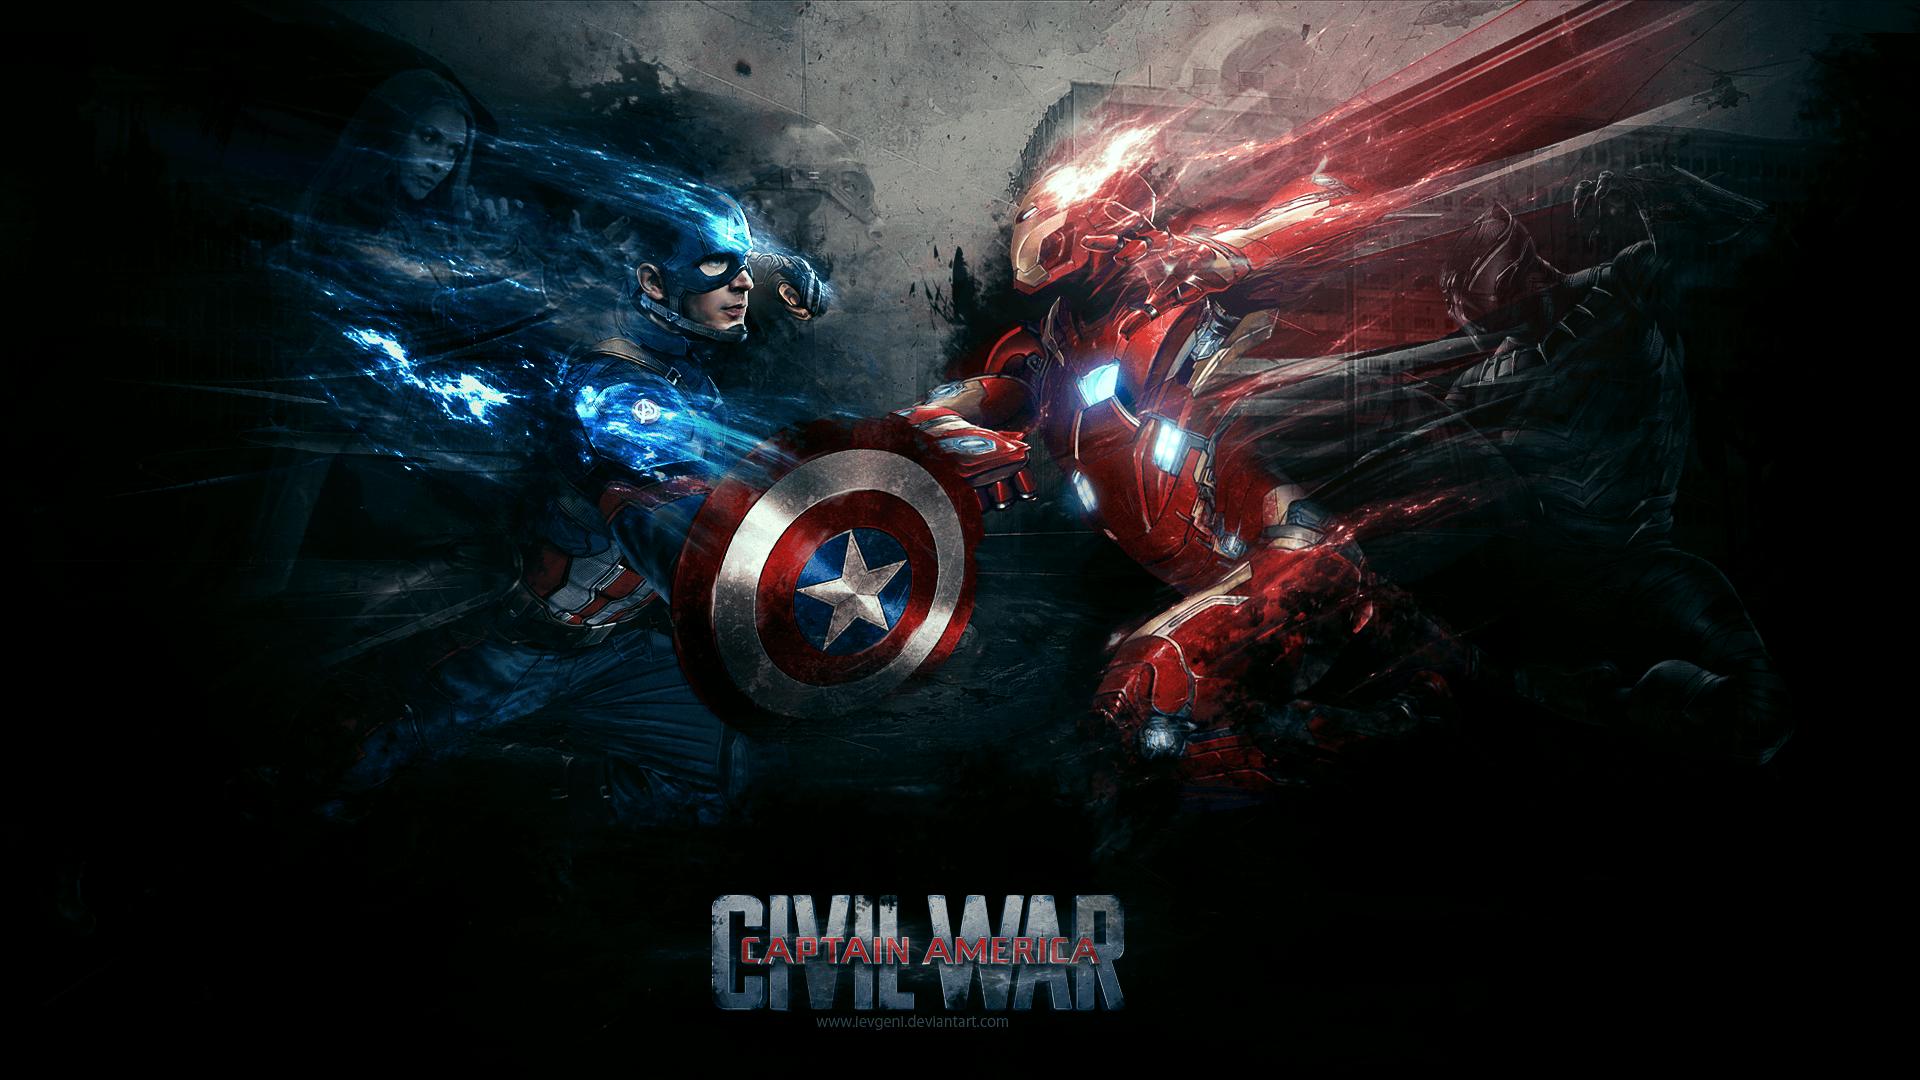 Captain America Full Hd Wallpapers Wallpaper Cave